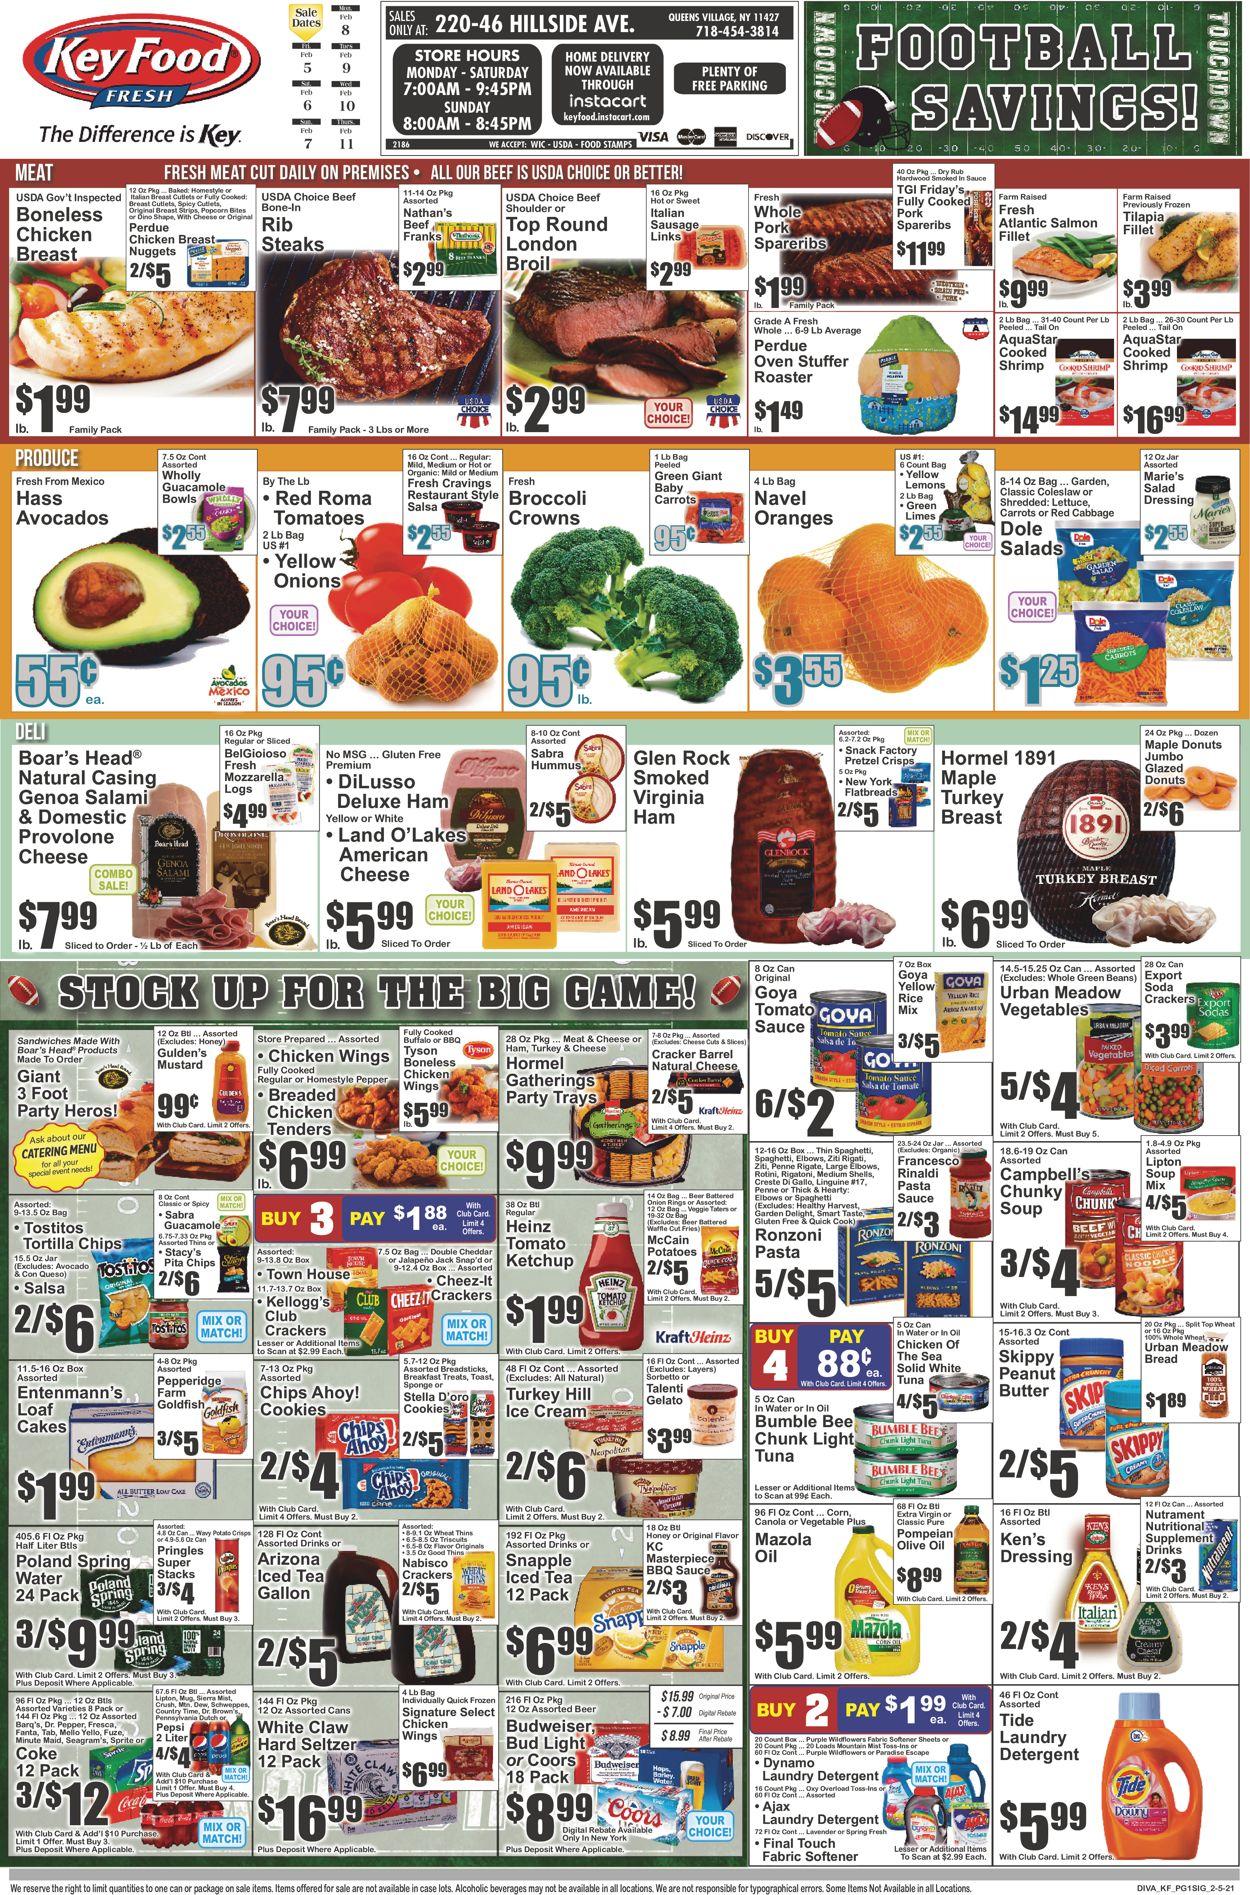 Key Food Weekly Ad Circular - valid 02/05-02/11/2021